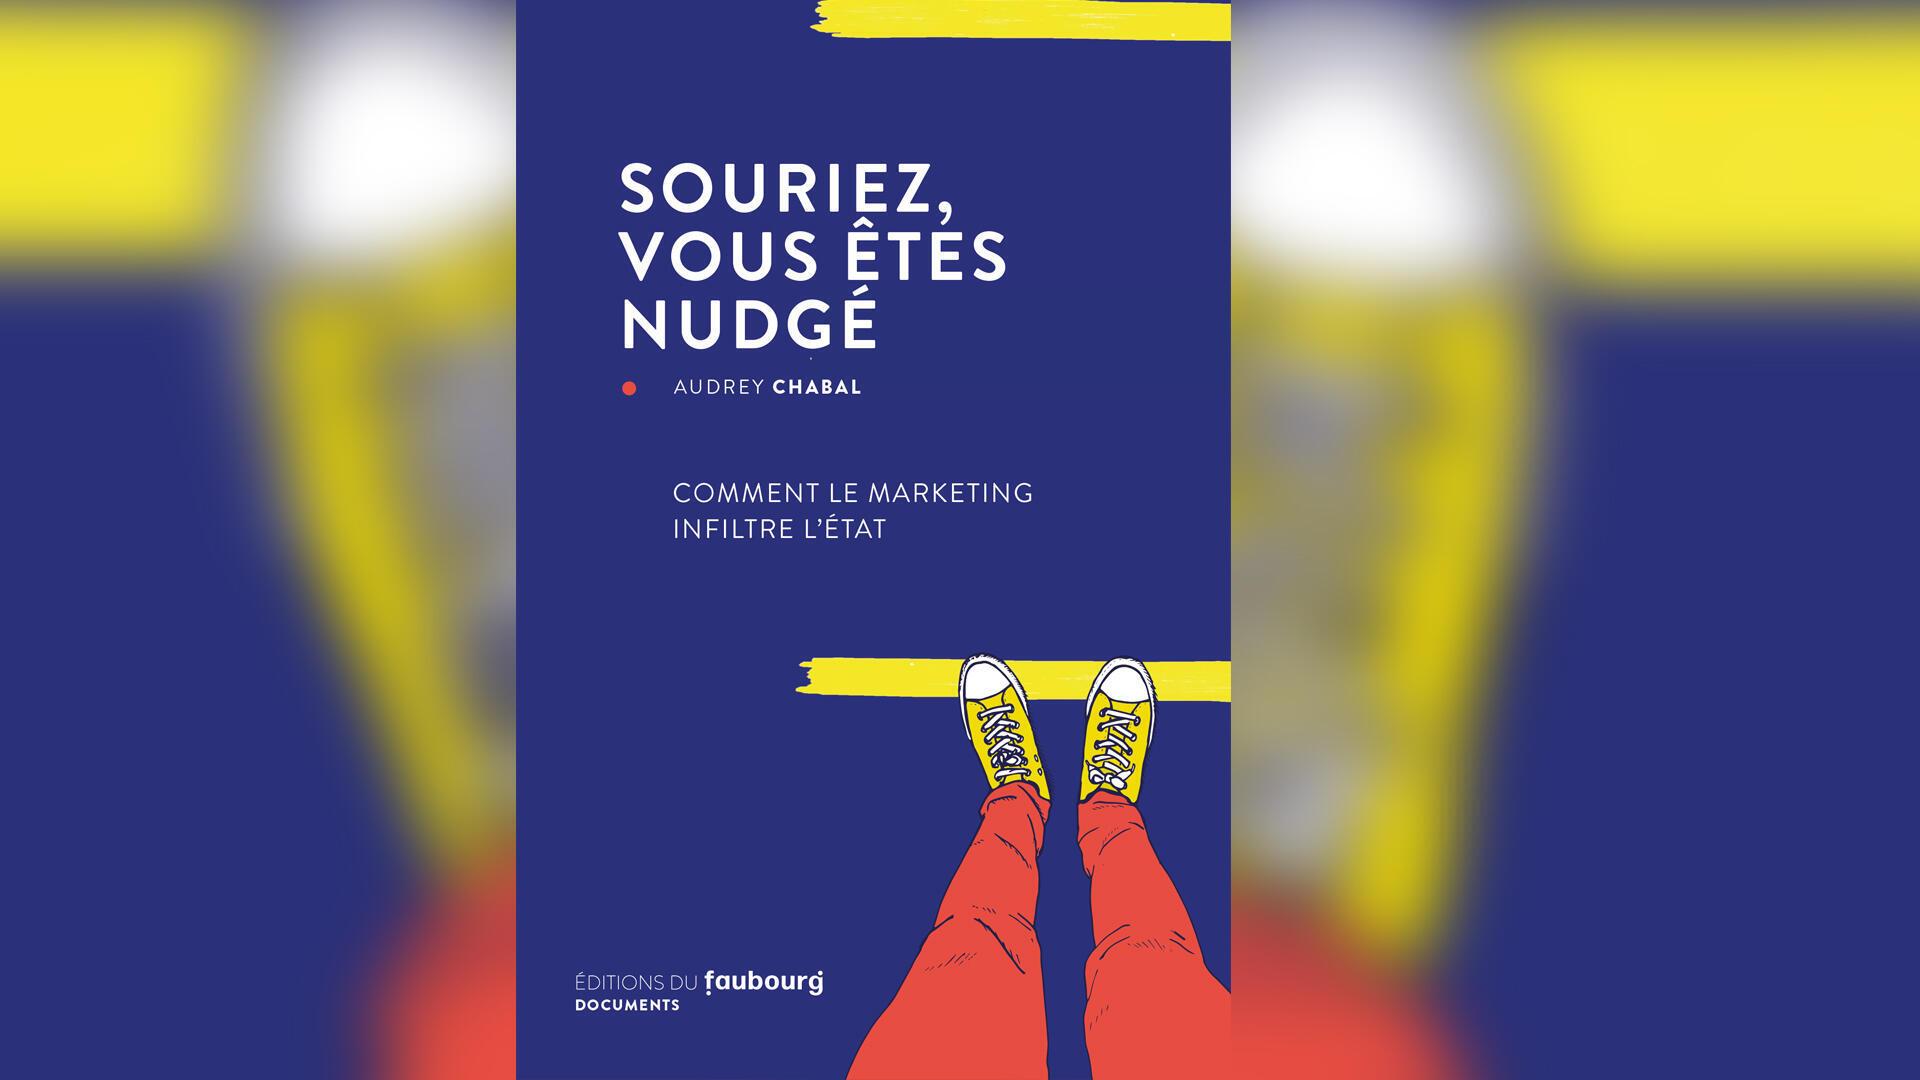 Couverture - Souriez, vous êtes nudgé - Audrey Chabal - éditions Faubourg - Idées 11 juillet 2021